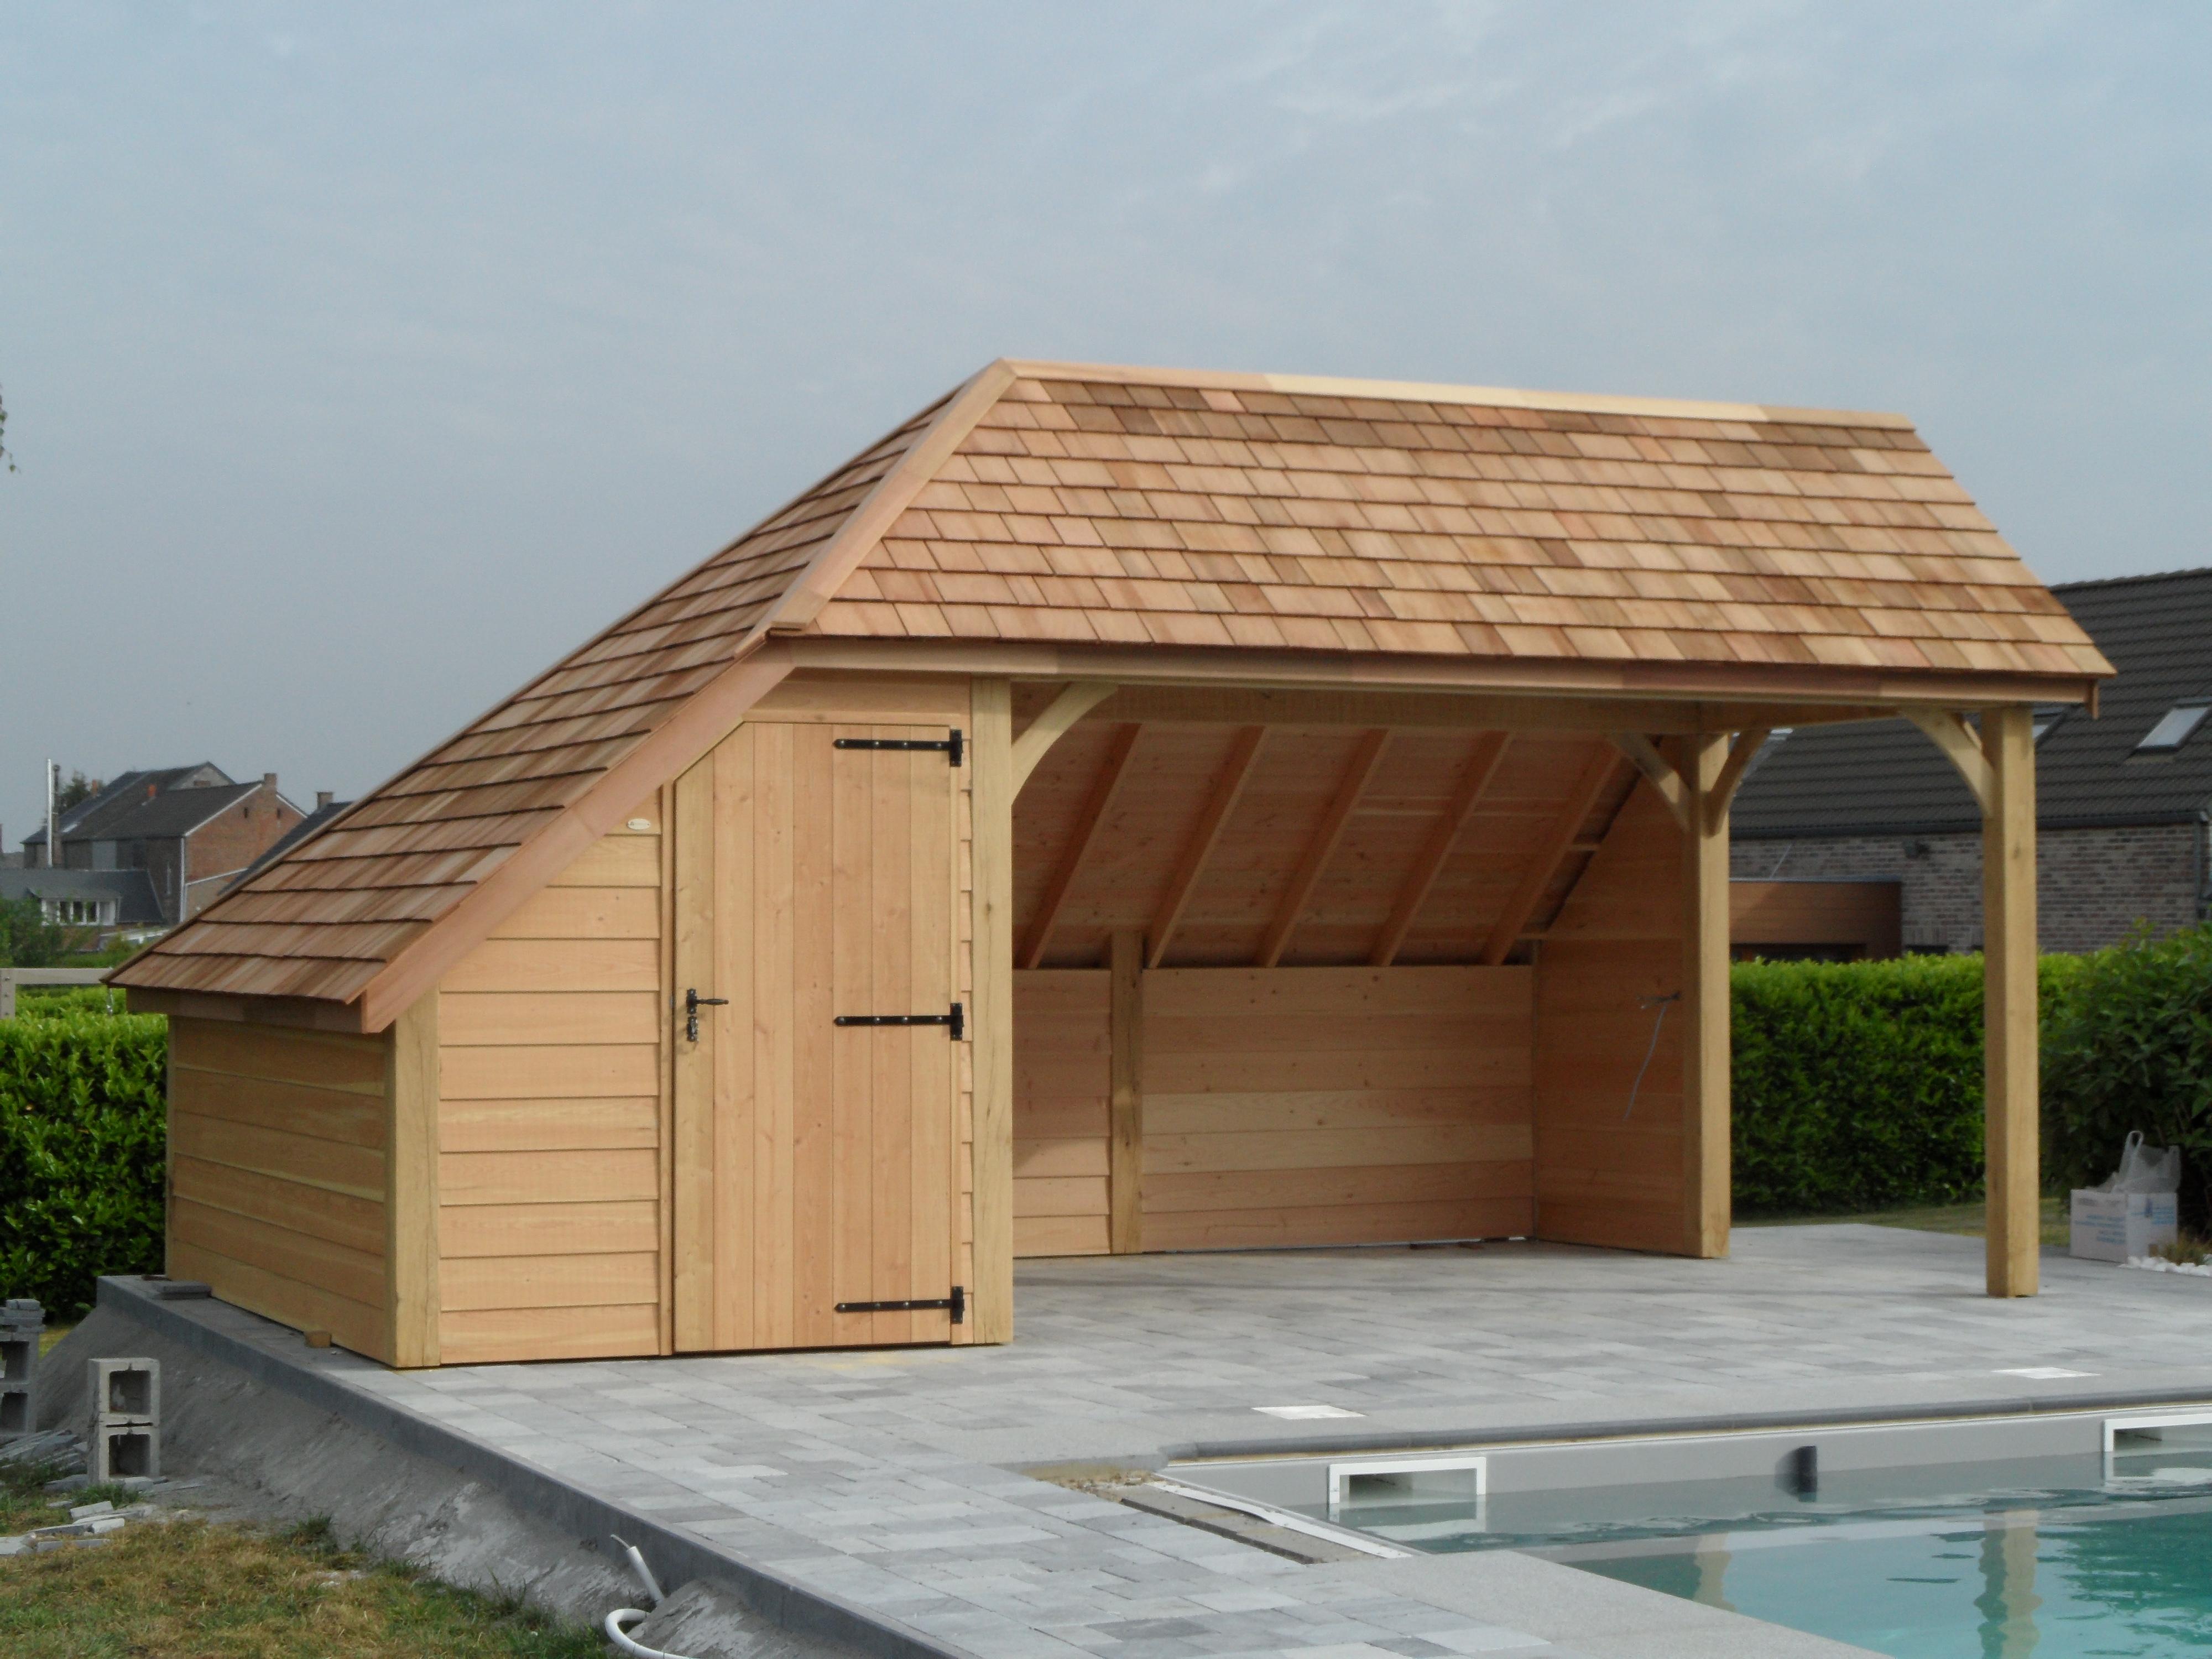 Terrasse En Bois, Pergola, Abris De Jardin Et Pool Housee ... pour Abri De Terrasse En Bois